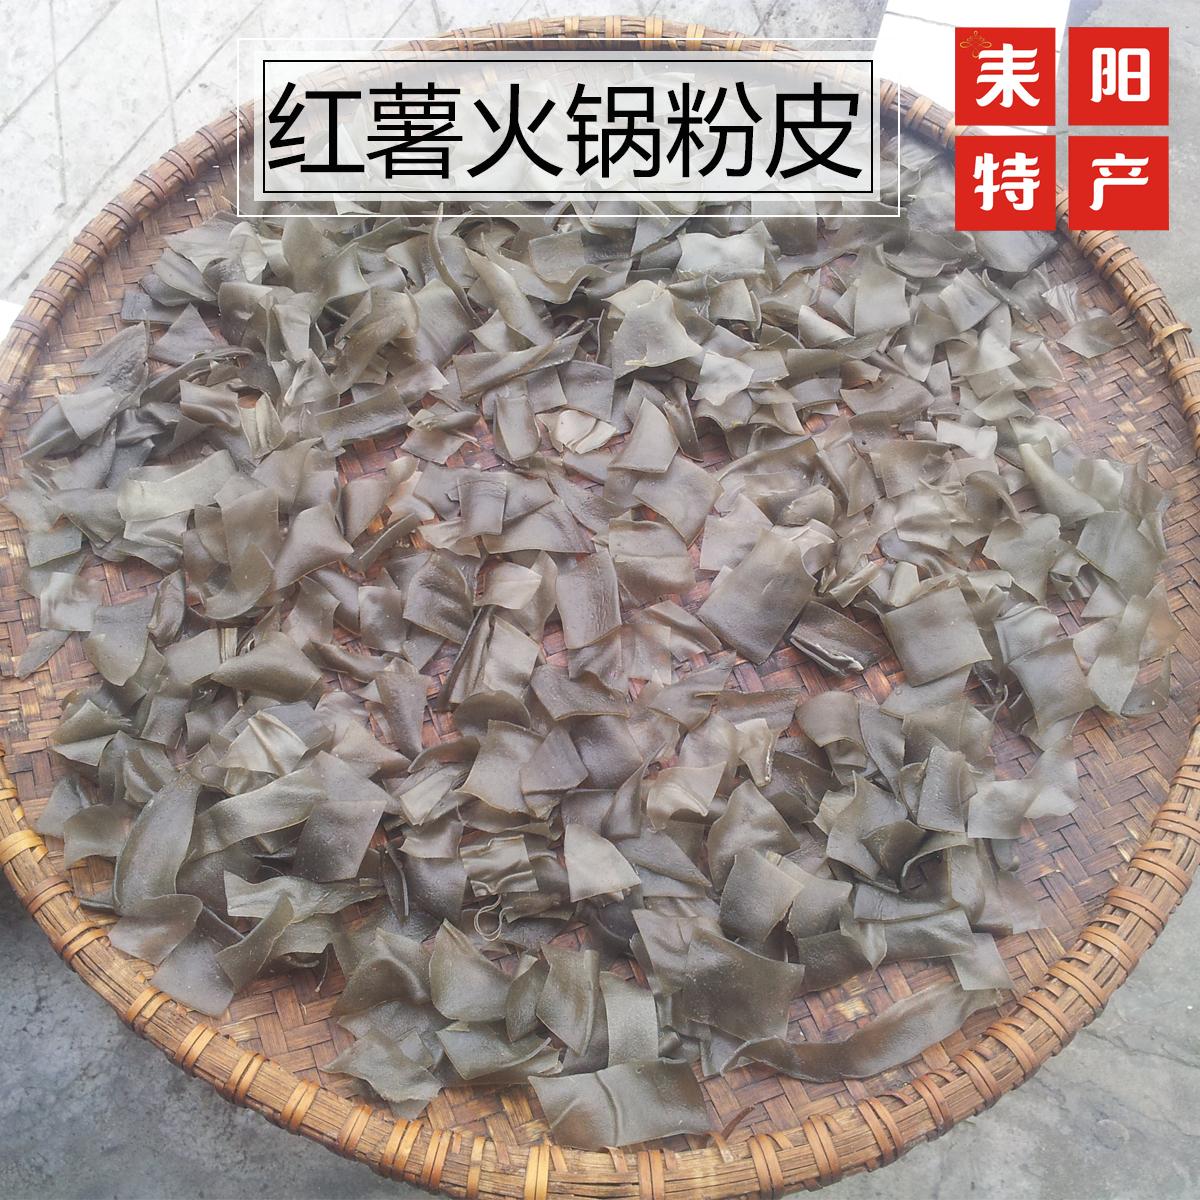 湖南耒阳土特产 红薯粉皮 纯手工红薯火锅粉皮 粉块农家粉皮 500g